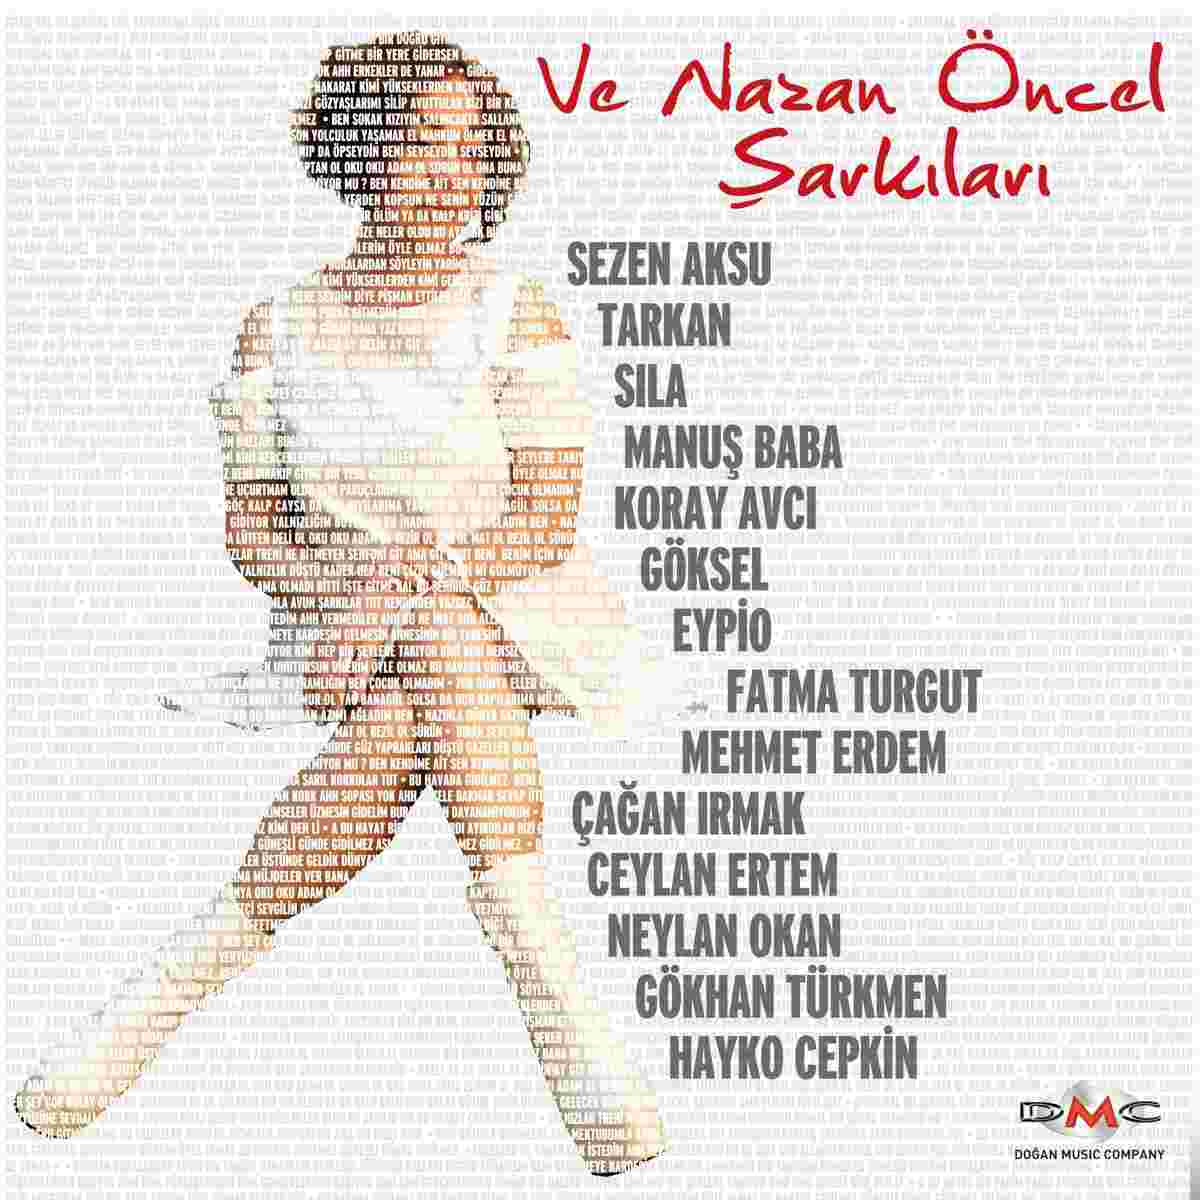 Ve Nazan Öncel Şarkıları (2018) albüm kapak resmi